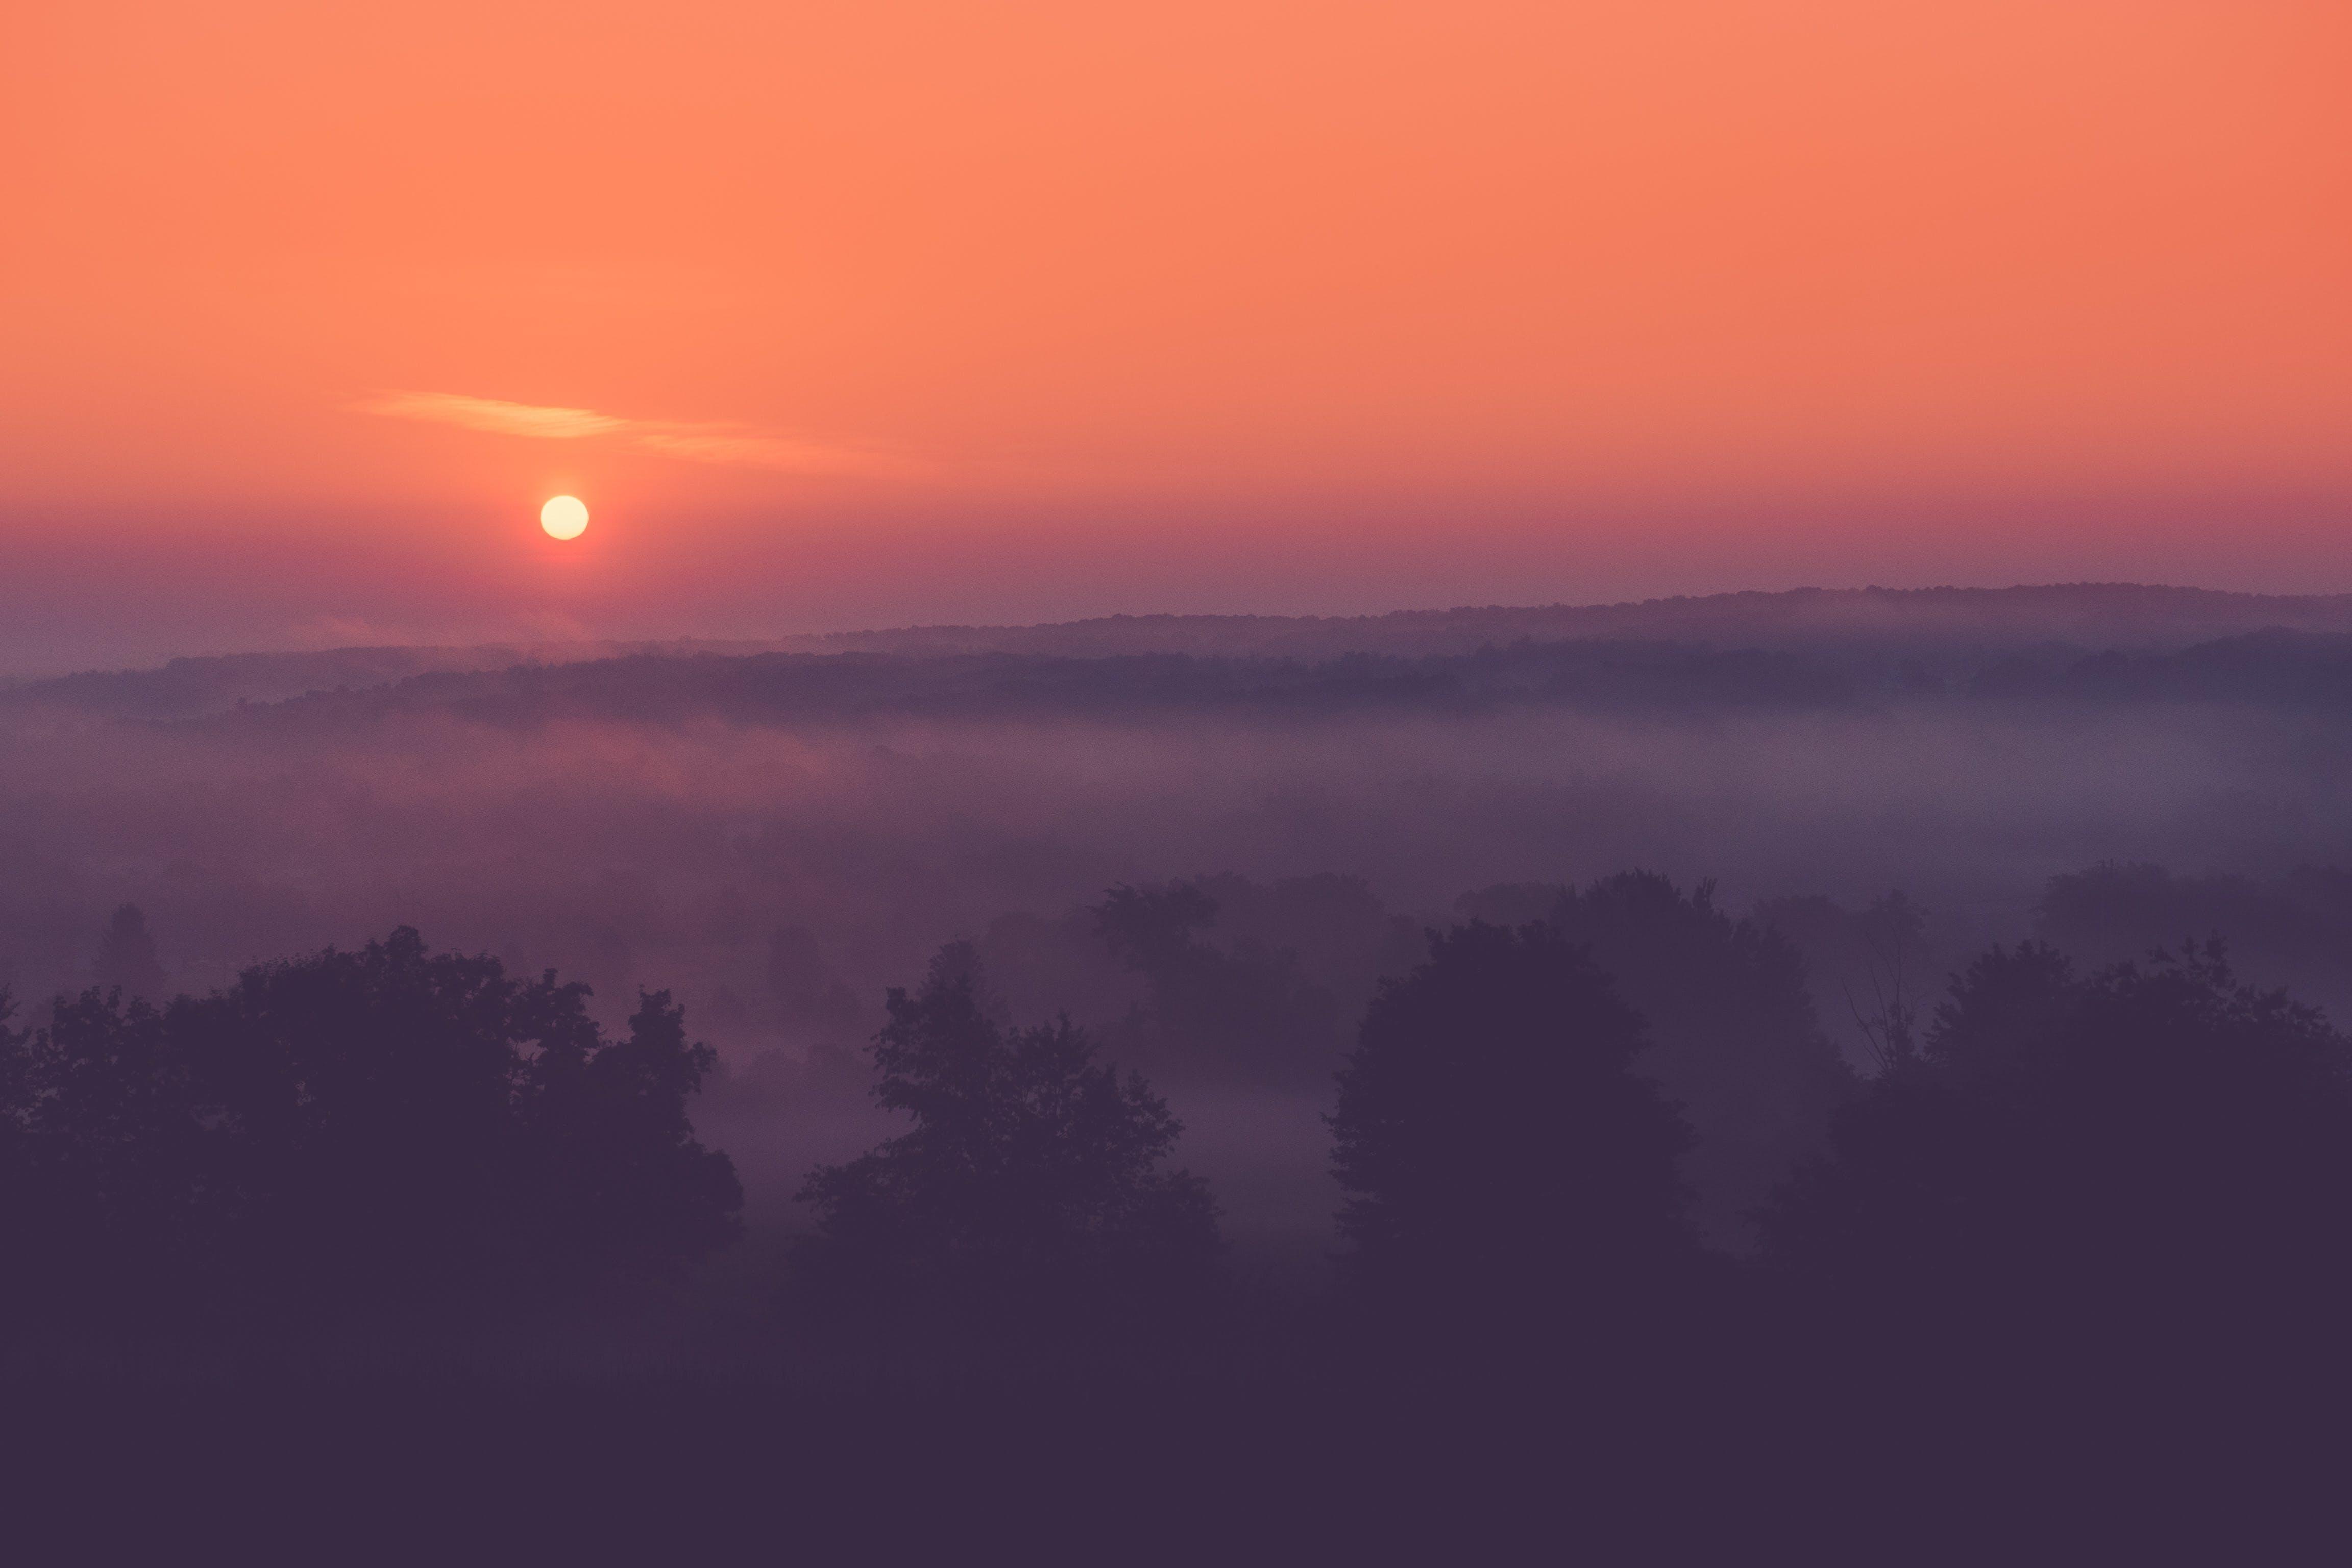 Kostenloses Stock Foto zu früher morgen, hintergrundbild, hübsch, landschaft